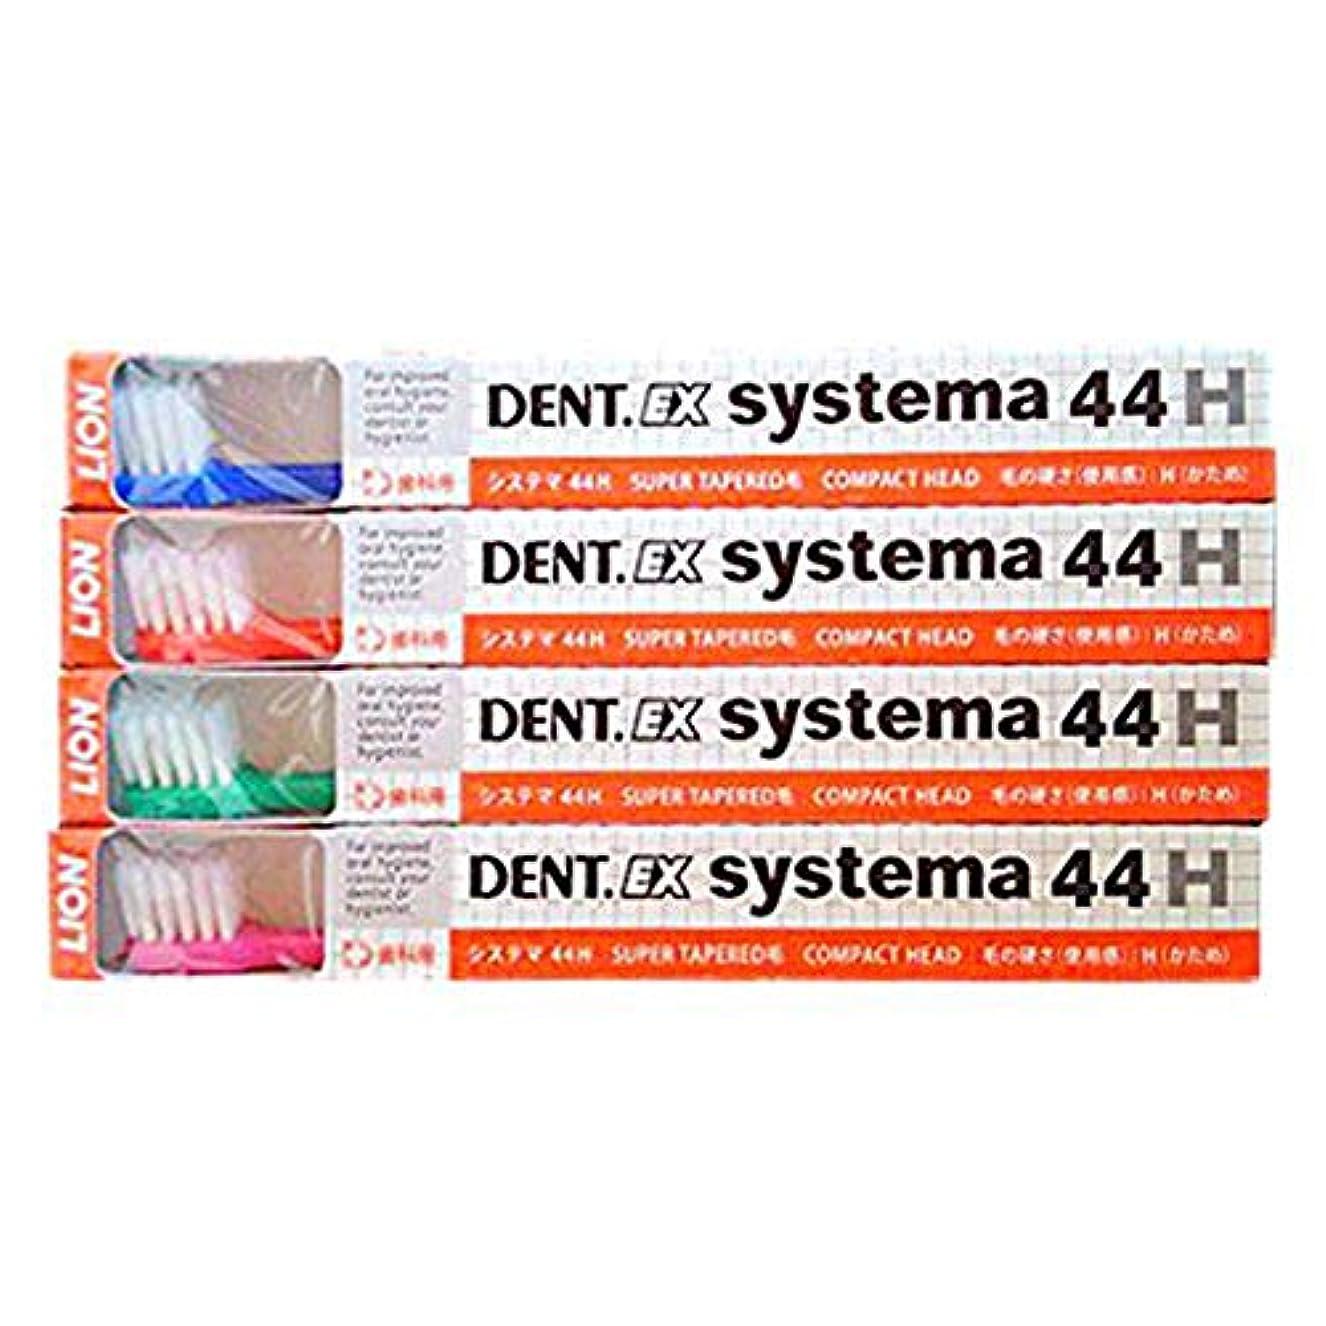 シャッフル空洞治療デント 歯ブラシ DENT EX システマ 4色アソート 20本入り 44H